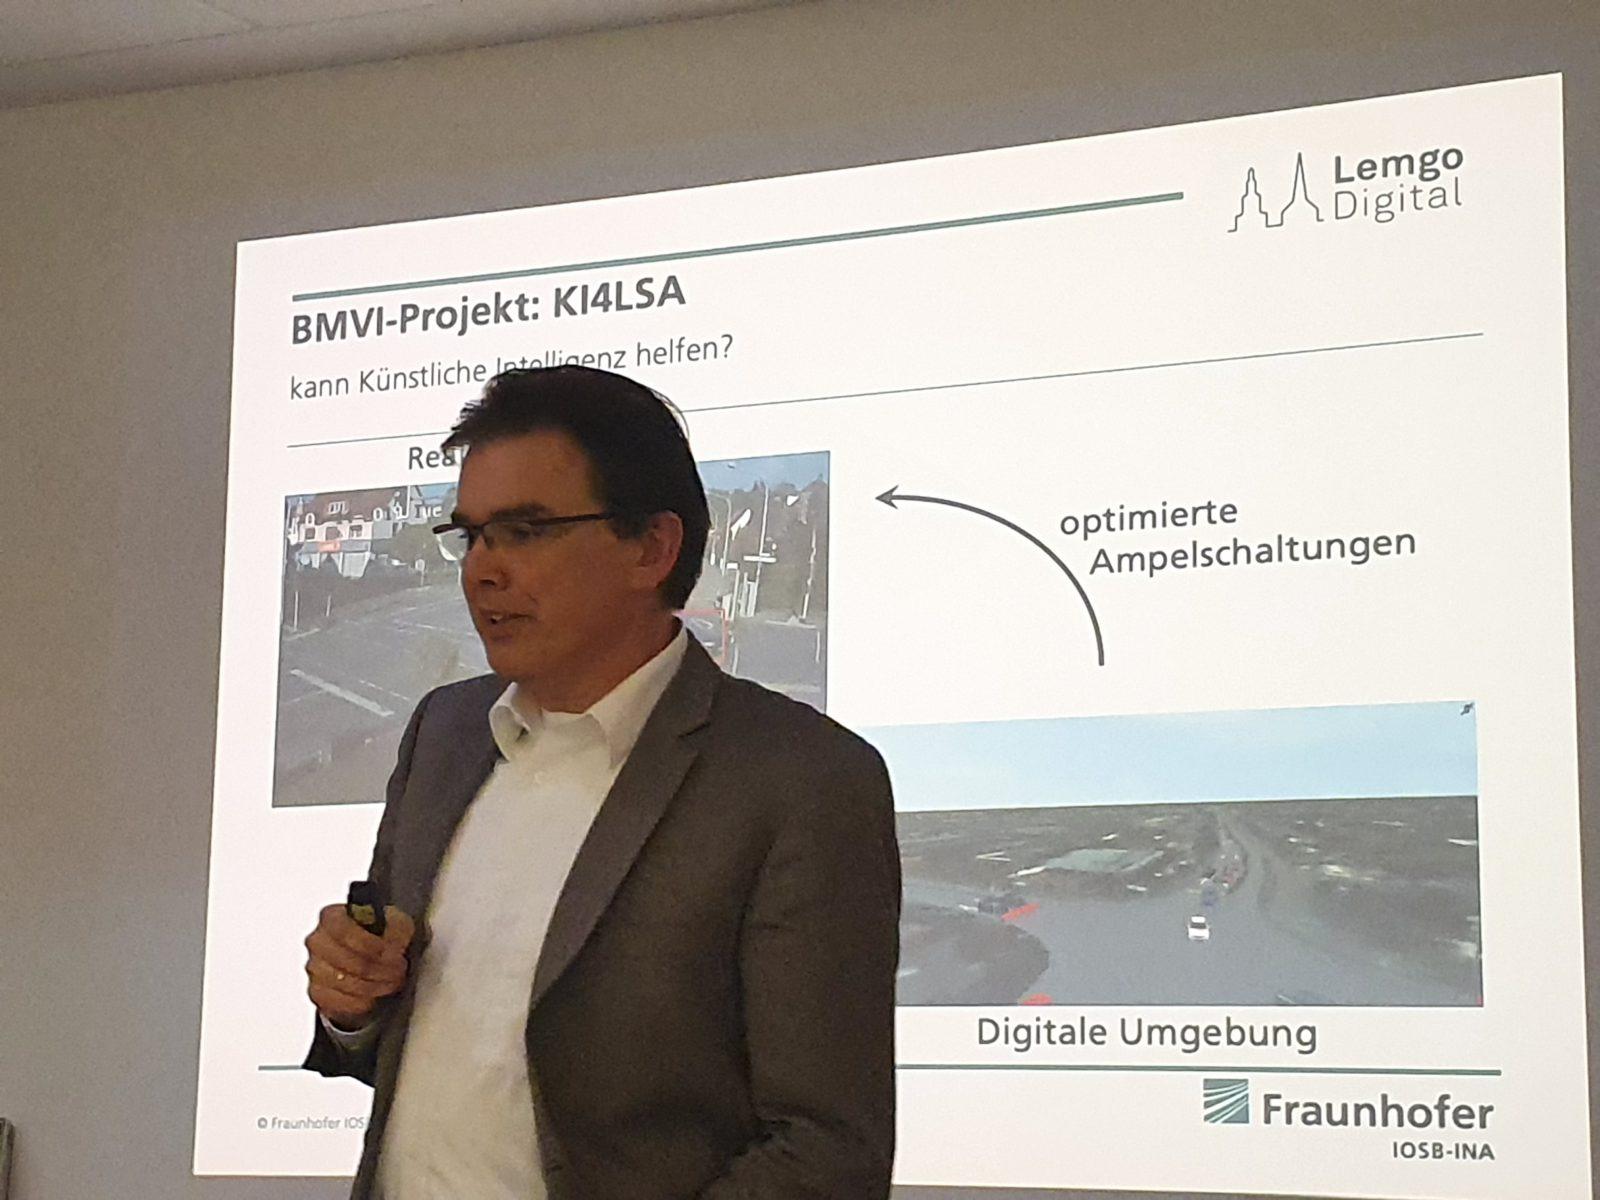 Prof. Dr.-Ing. Jürgen Jasperneite